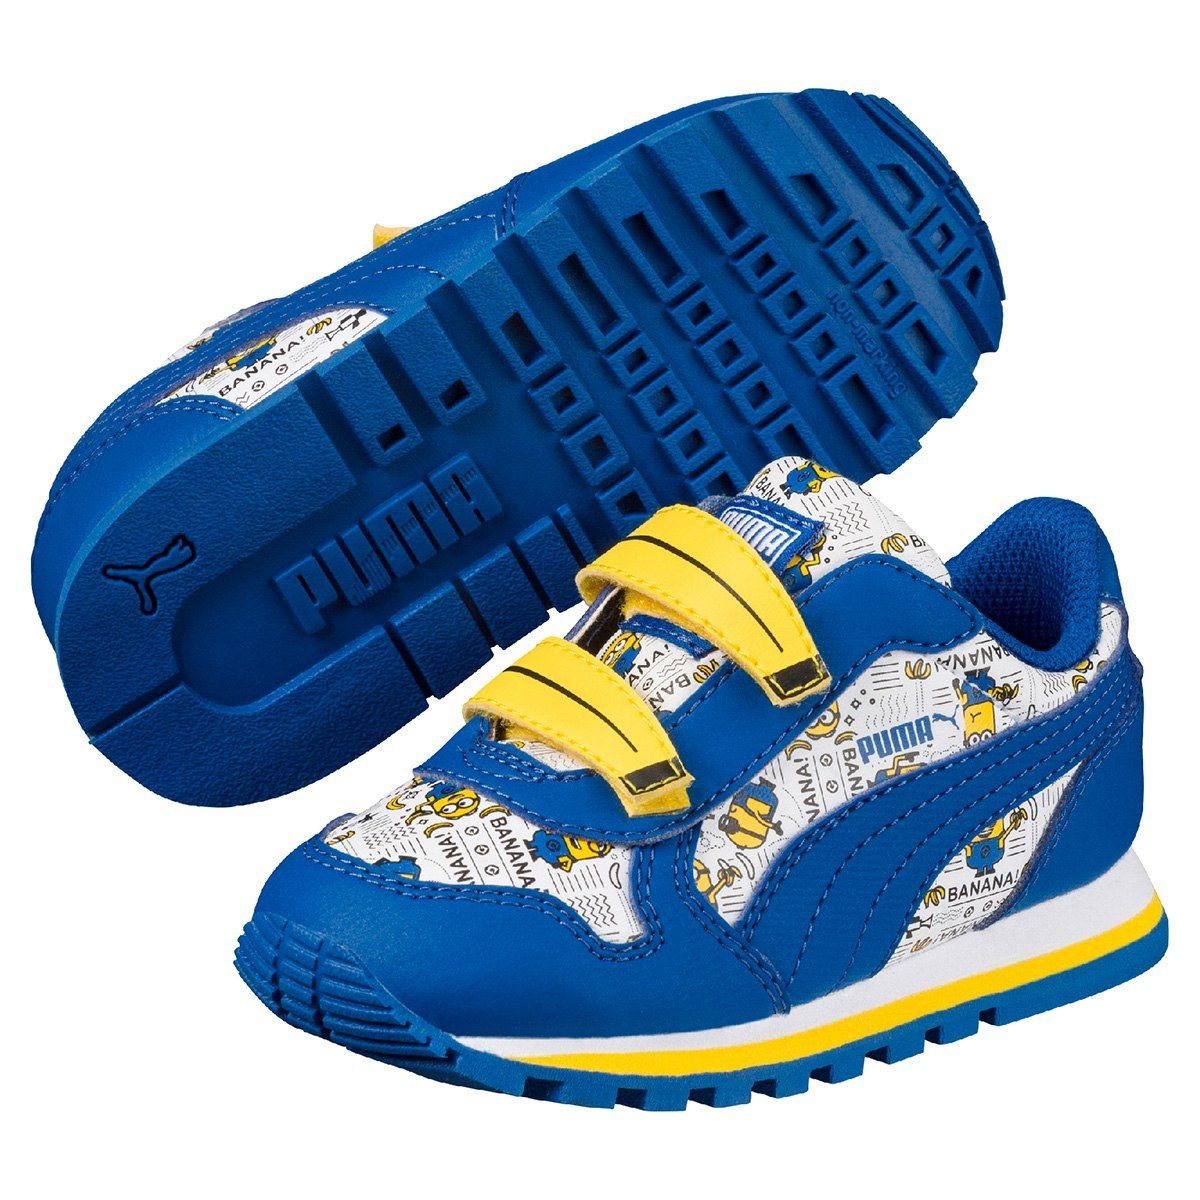 ... 593e9656997 tênis puma minions st runner infantil menino azul e  amarelo. Carregando zoom. c6d21c118bfb1